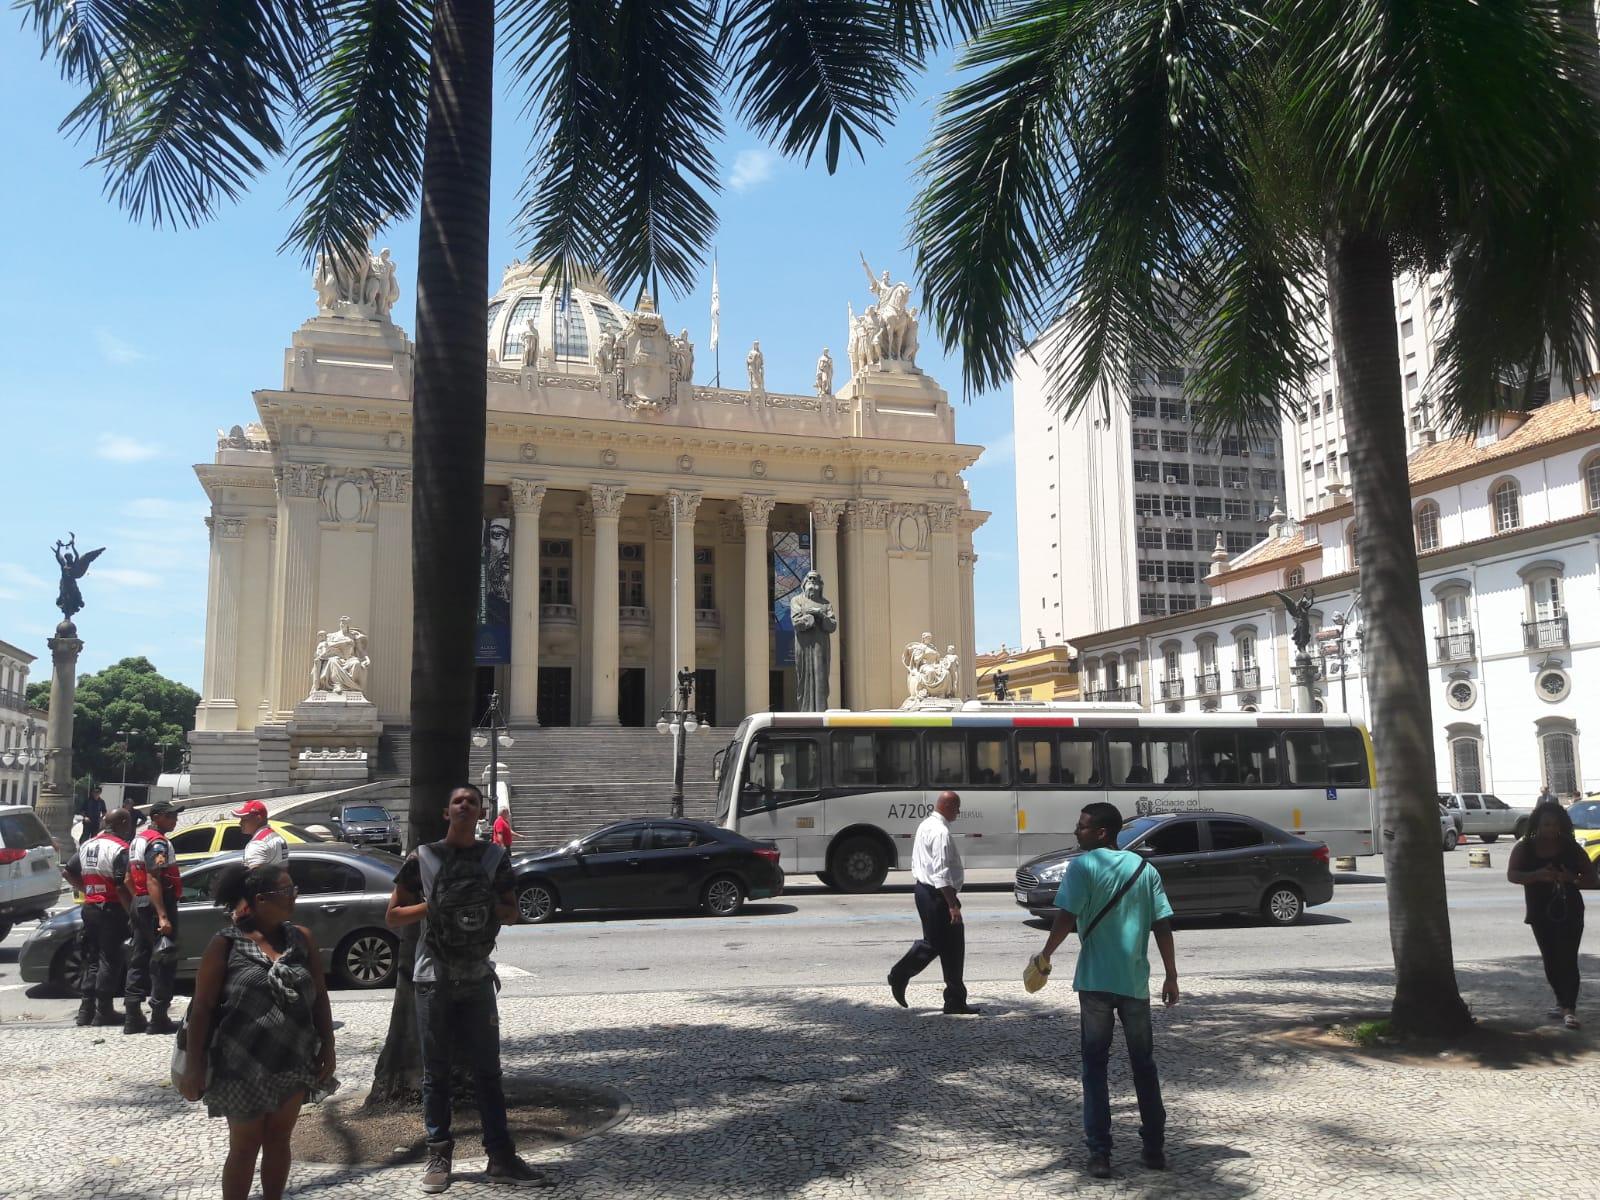 Reise Tipps Sehenswürdigkeiten Rio de Janeiro Highlights Brasilien Rio gefährlich